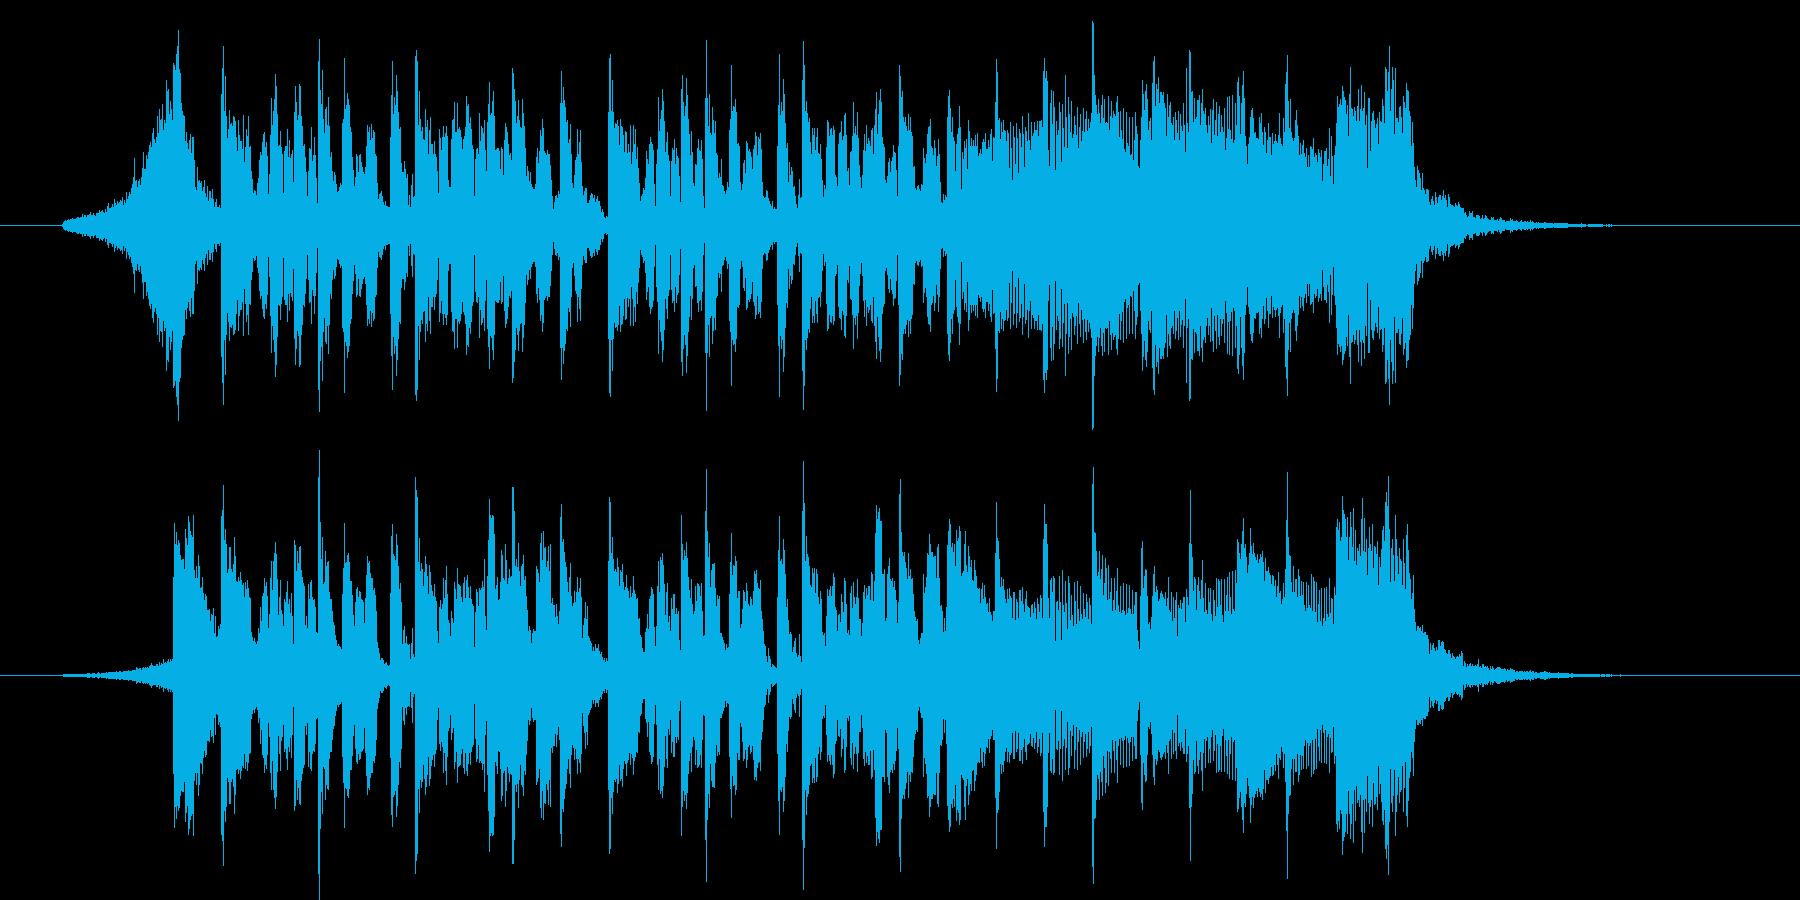 ムーンウォークなダンスミュージックの再生済みの波形